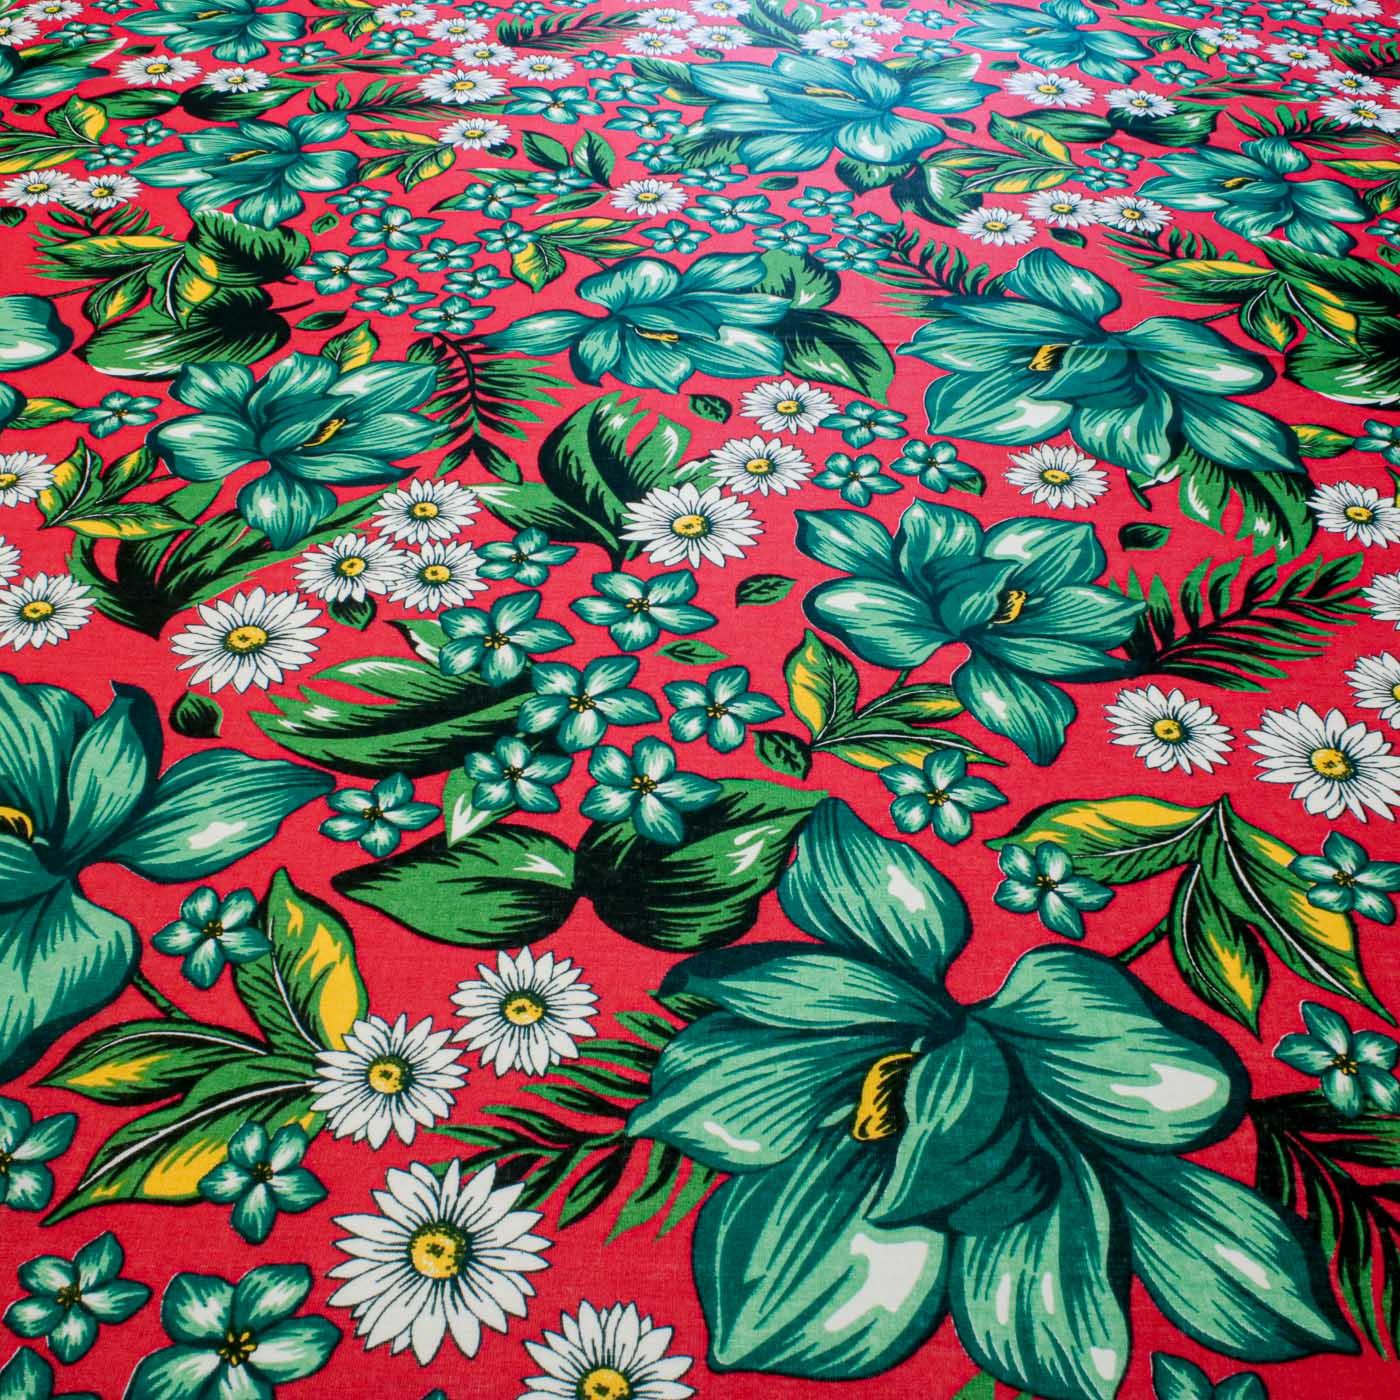 Tecido Chitão Estampado Flores 100% Algodão Fundo Vermelho